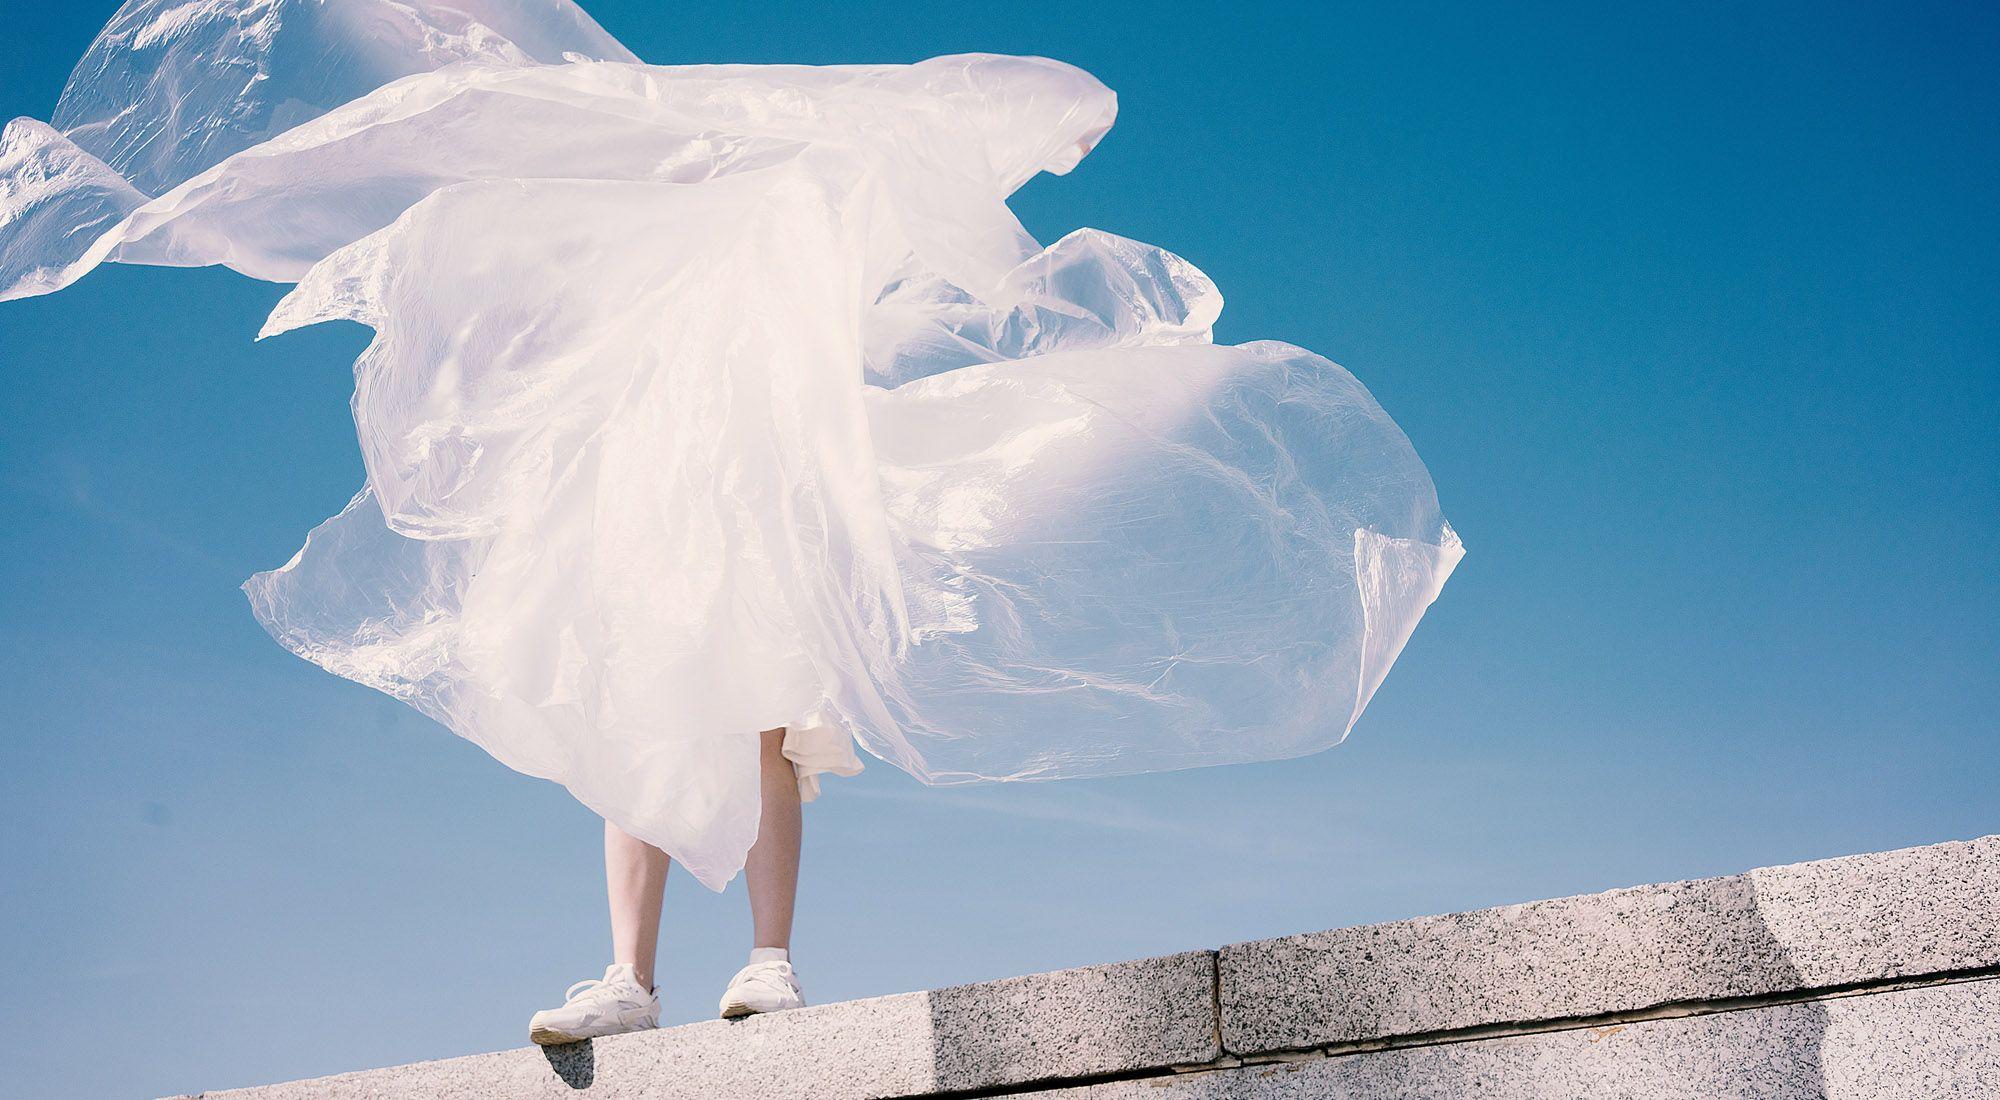 Cambiar los hábitos y consumos fashionistas son el principio del cambio sustentable